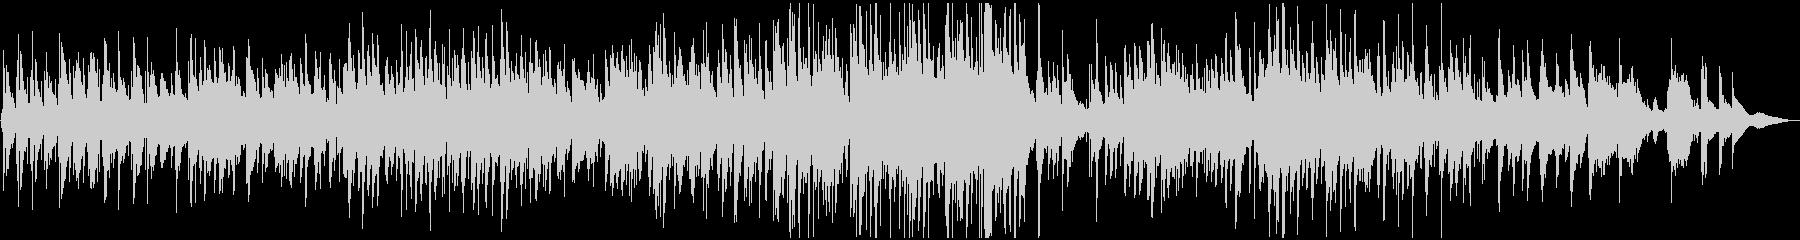 童謡『琵琶湖周航の歌』のジャズワルツの未再生の波形